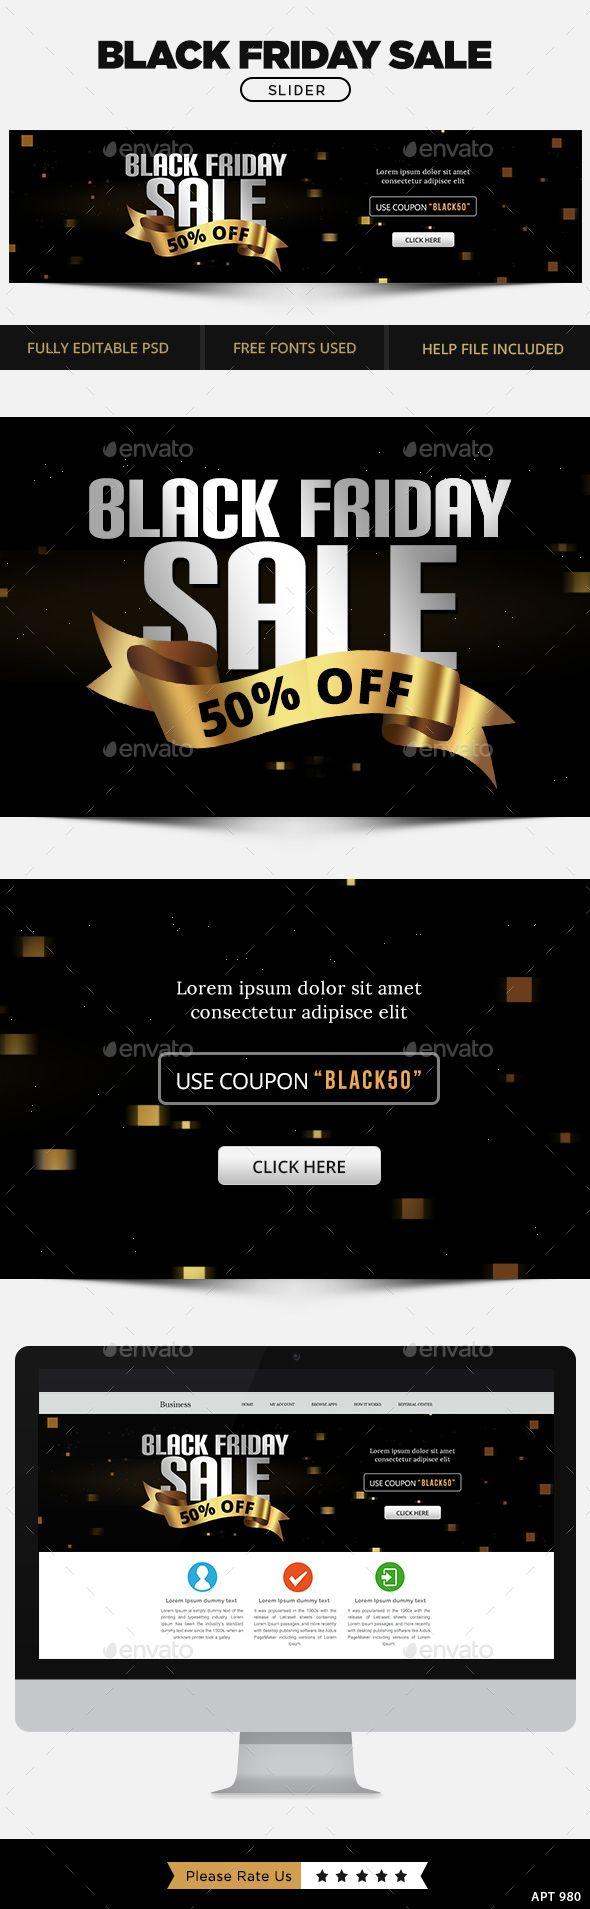 Black Friday Sale Slider Template PSD. Download here: http://graphicriver.net/item/black-friday-sale-slider/13547145?ref=ksioks